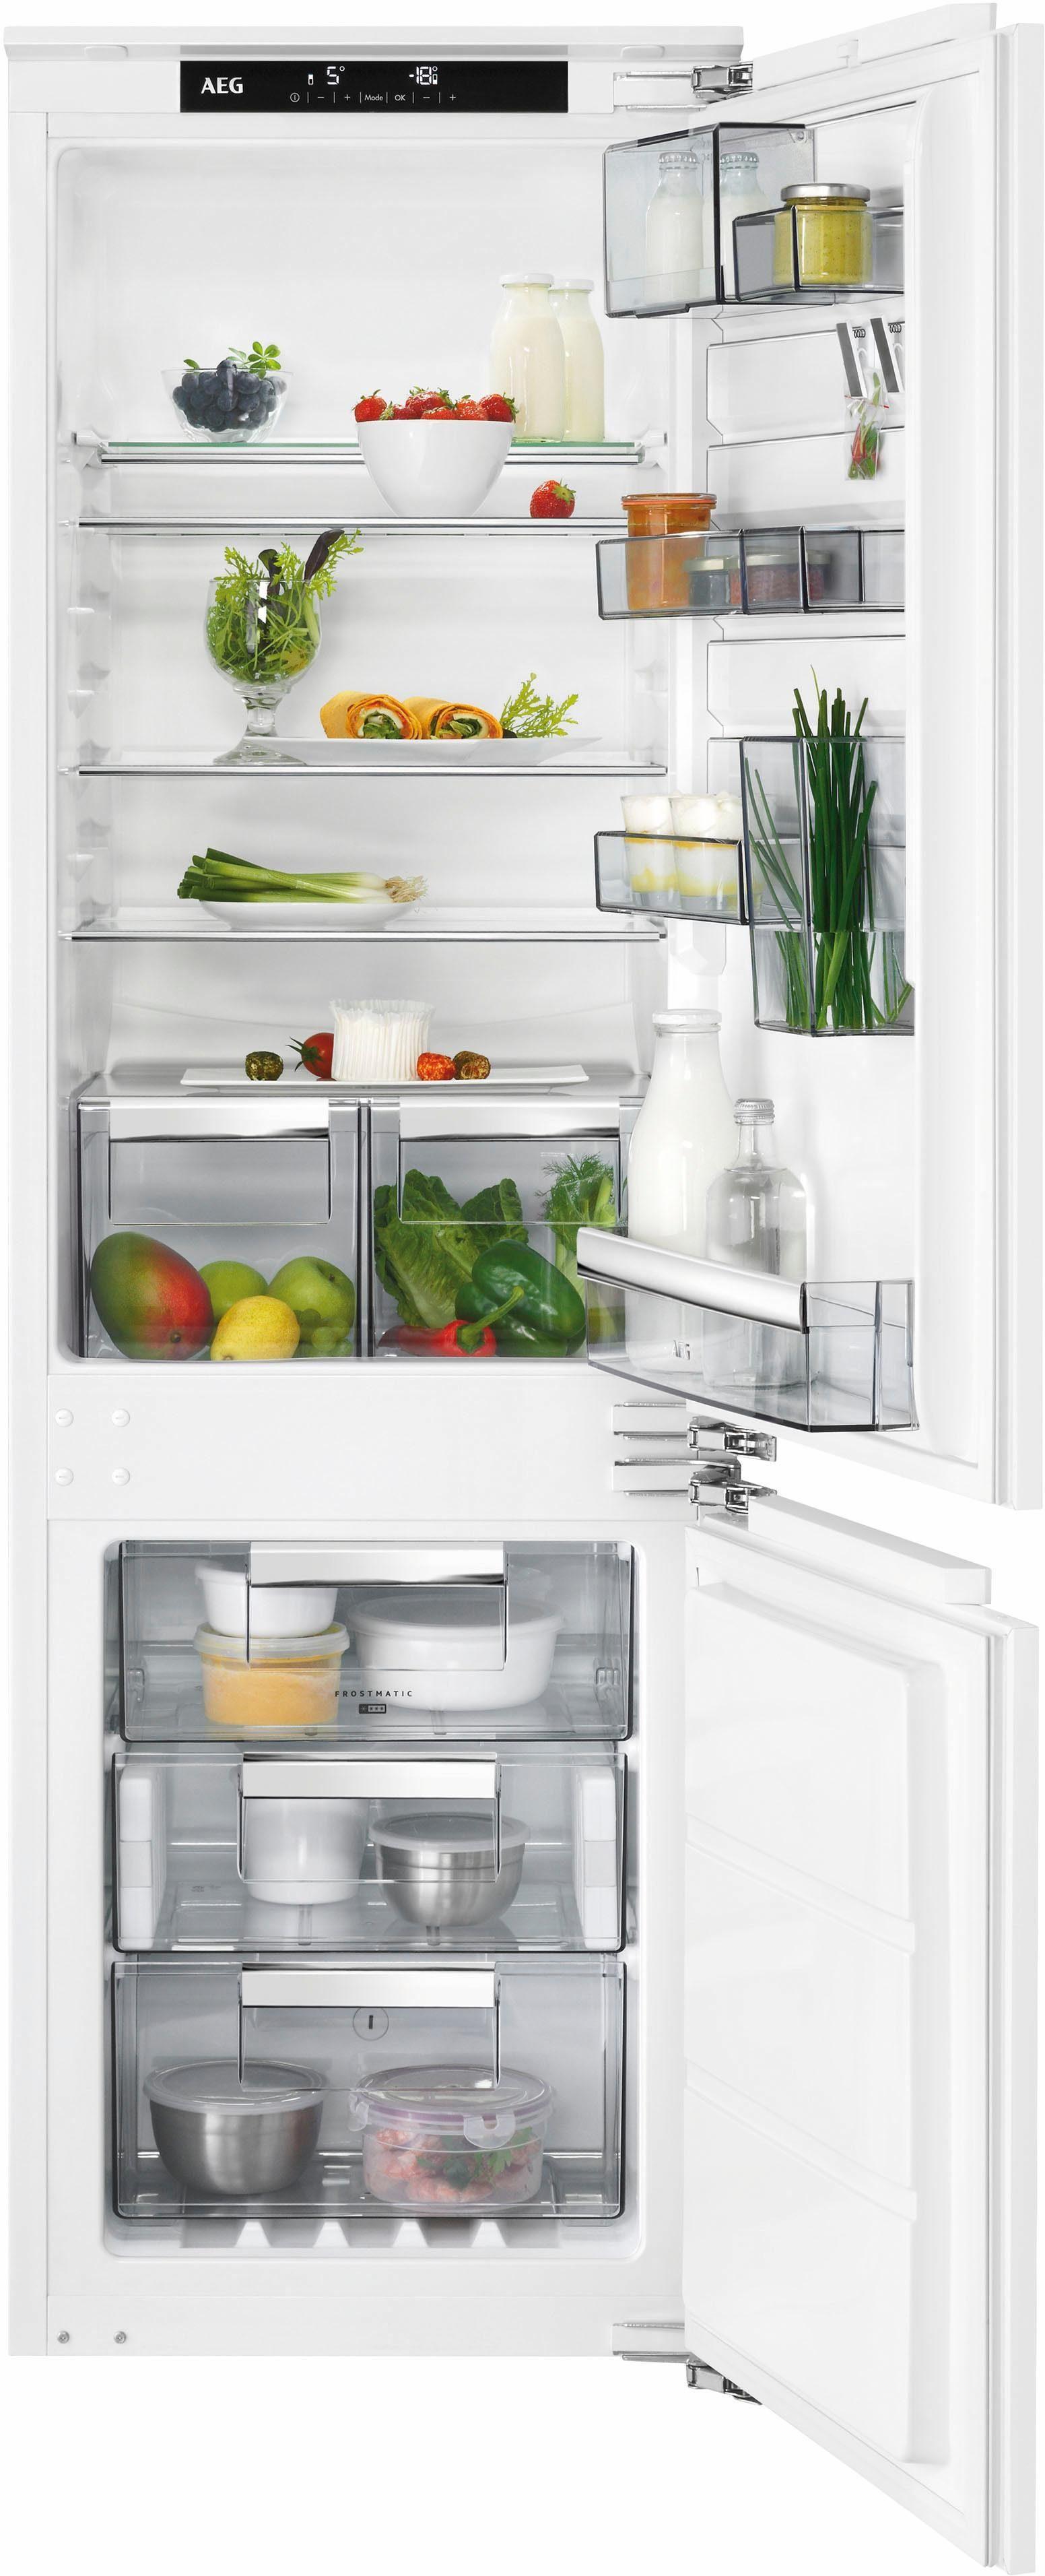 AEG integrierbarer Einbaukühlschrank SANTO SCE81824NC, Energieklasse A++, 176,9 cm hoch